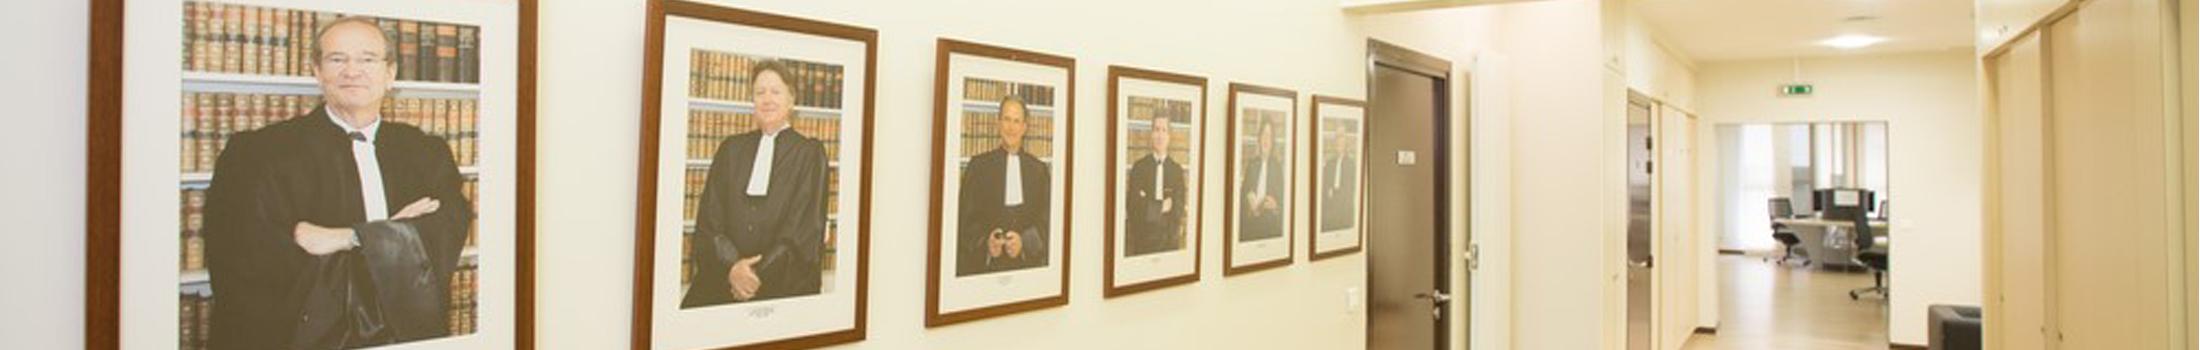 Accueil ordre des avocats au barreau de l39essonne evry for Maison des avocats evry